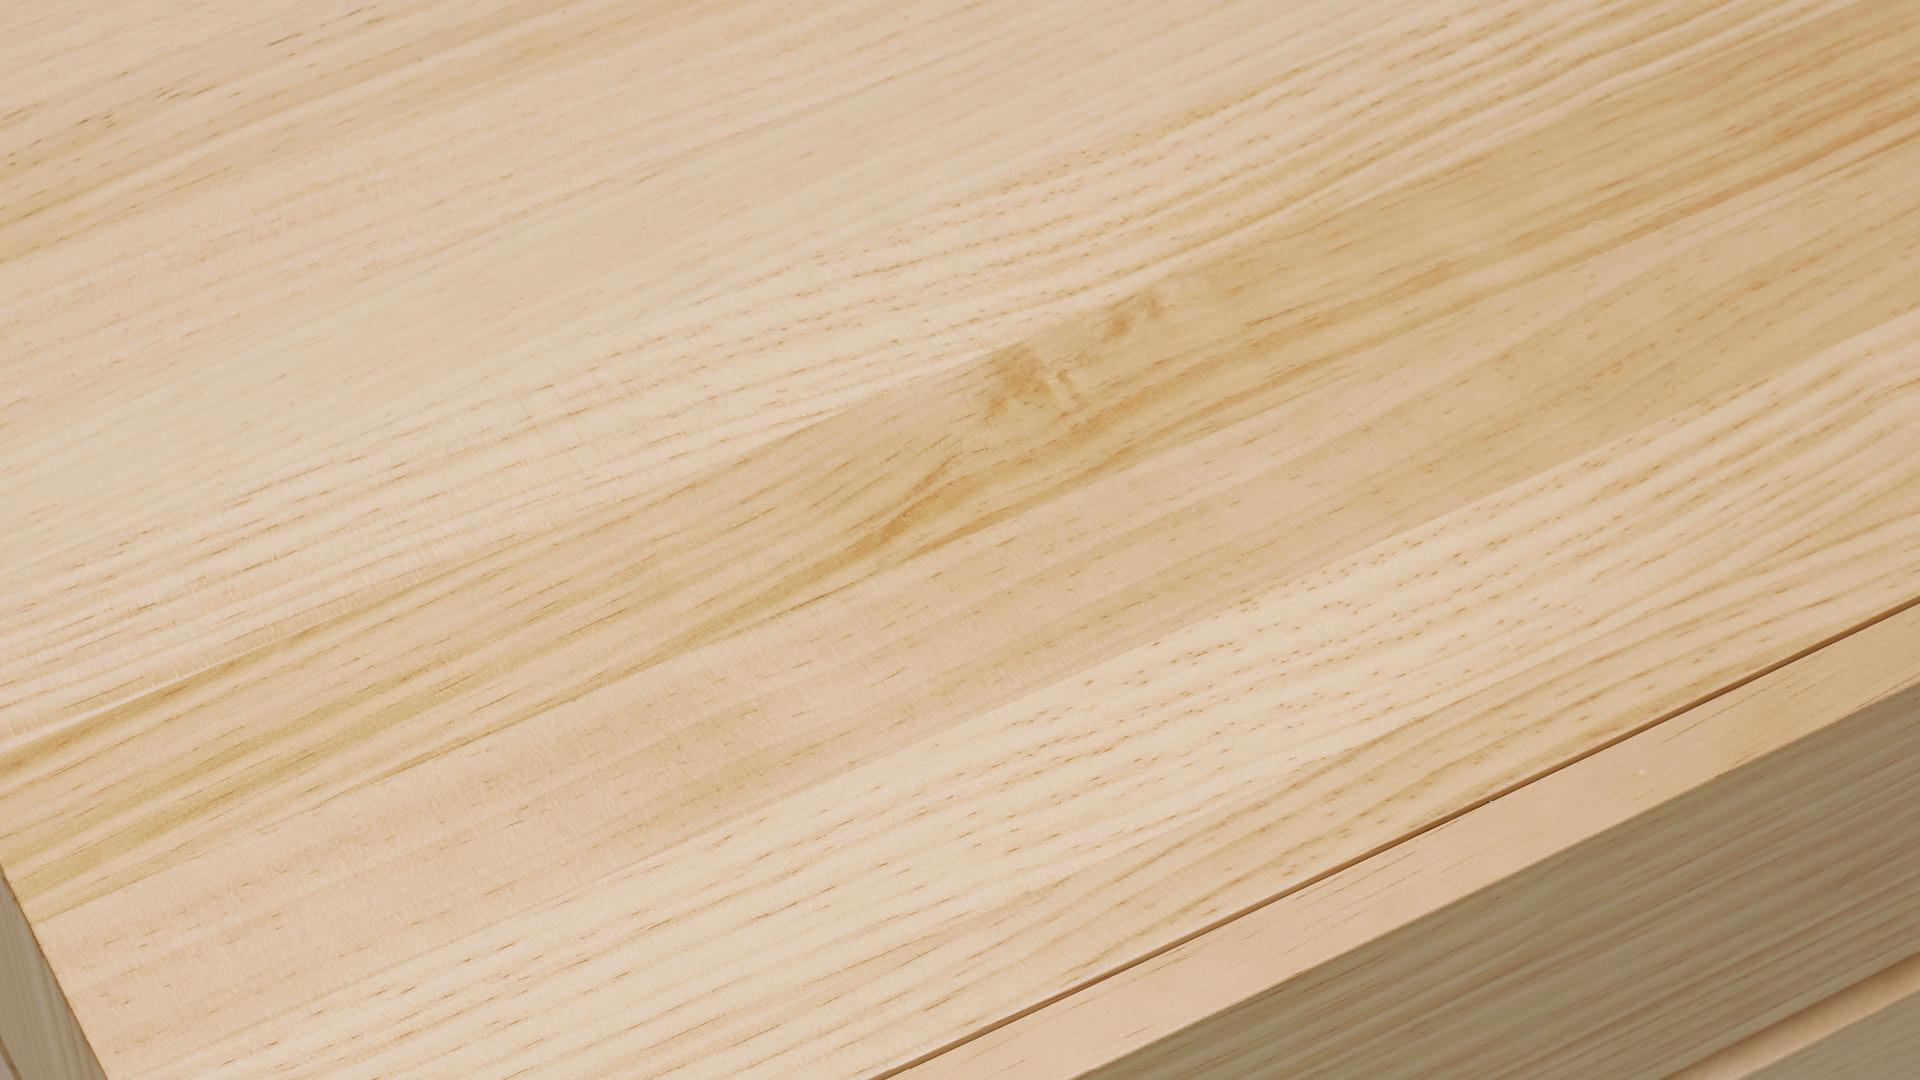 通体A级新西兰松木,天然纹理,凹凸可触